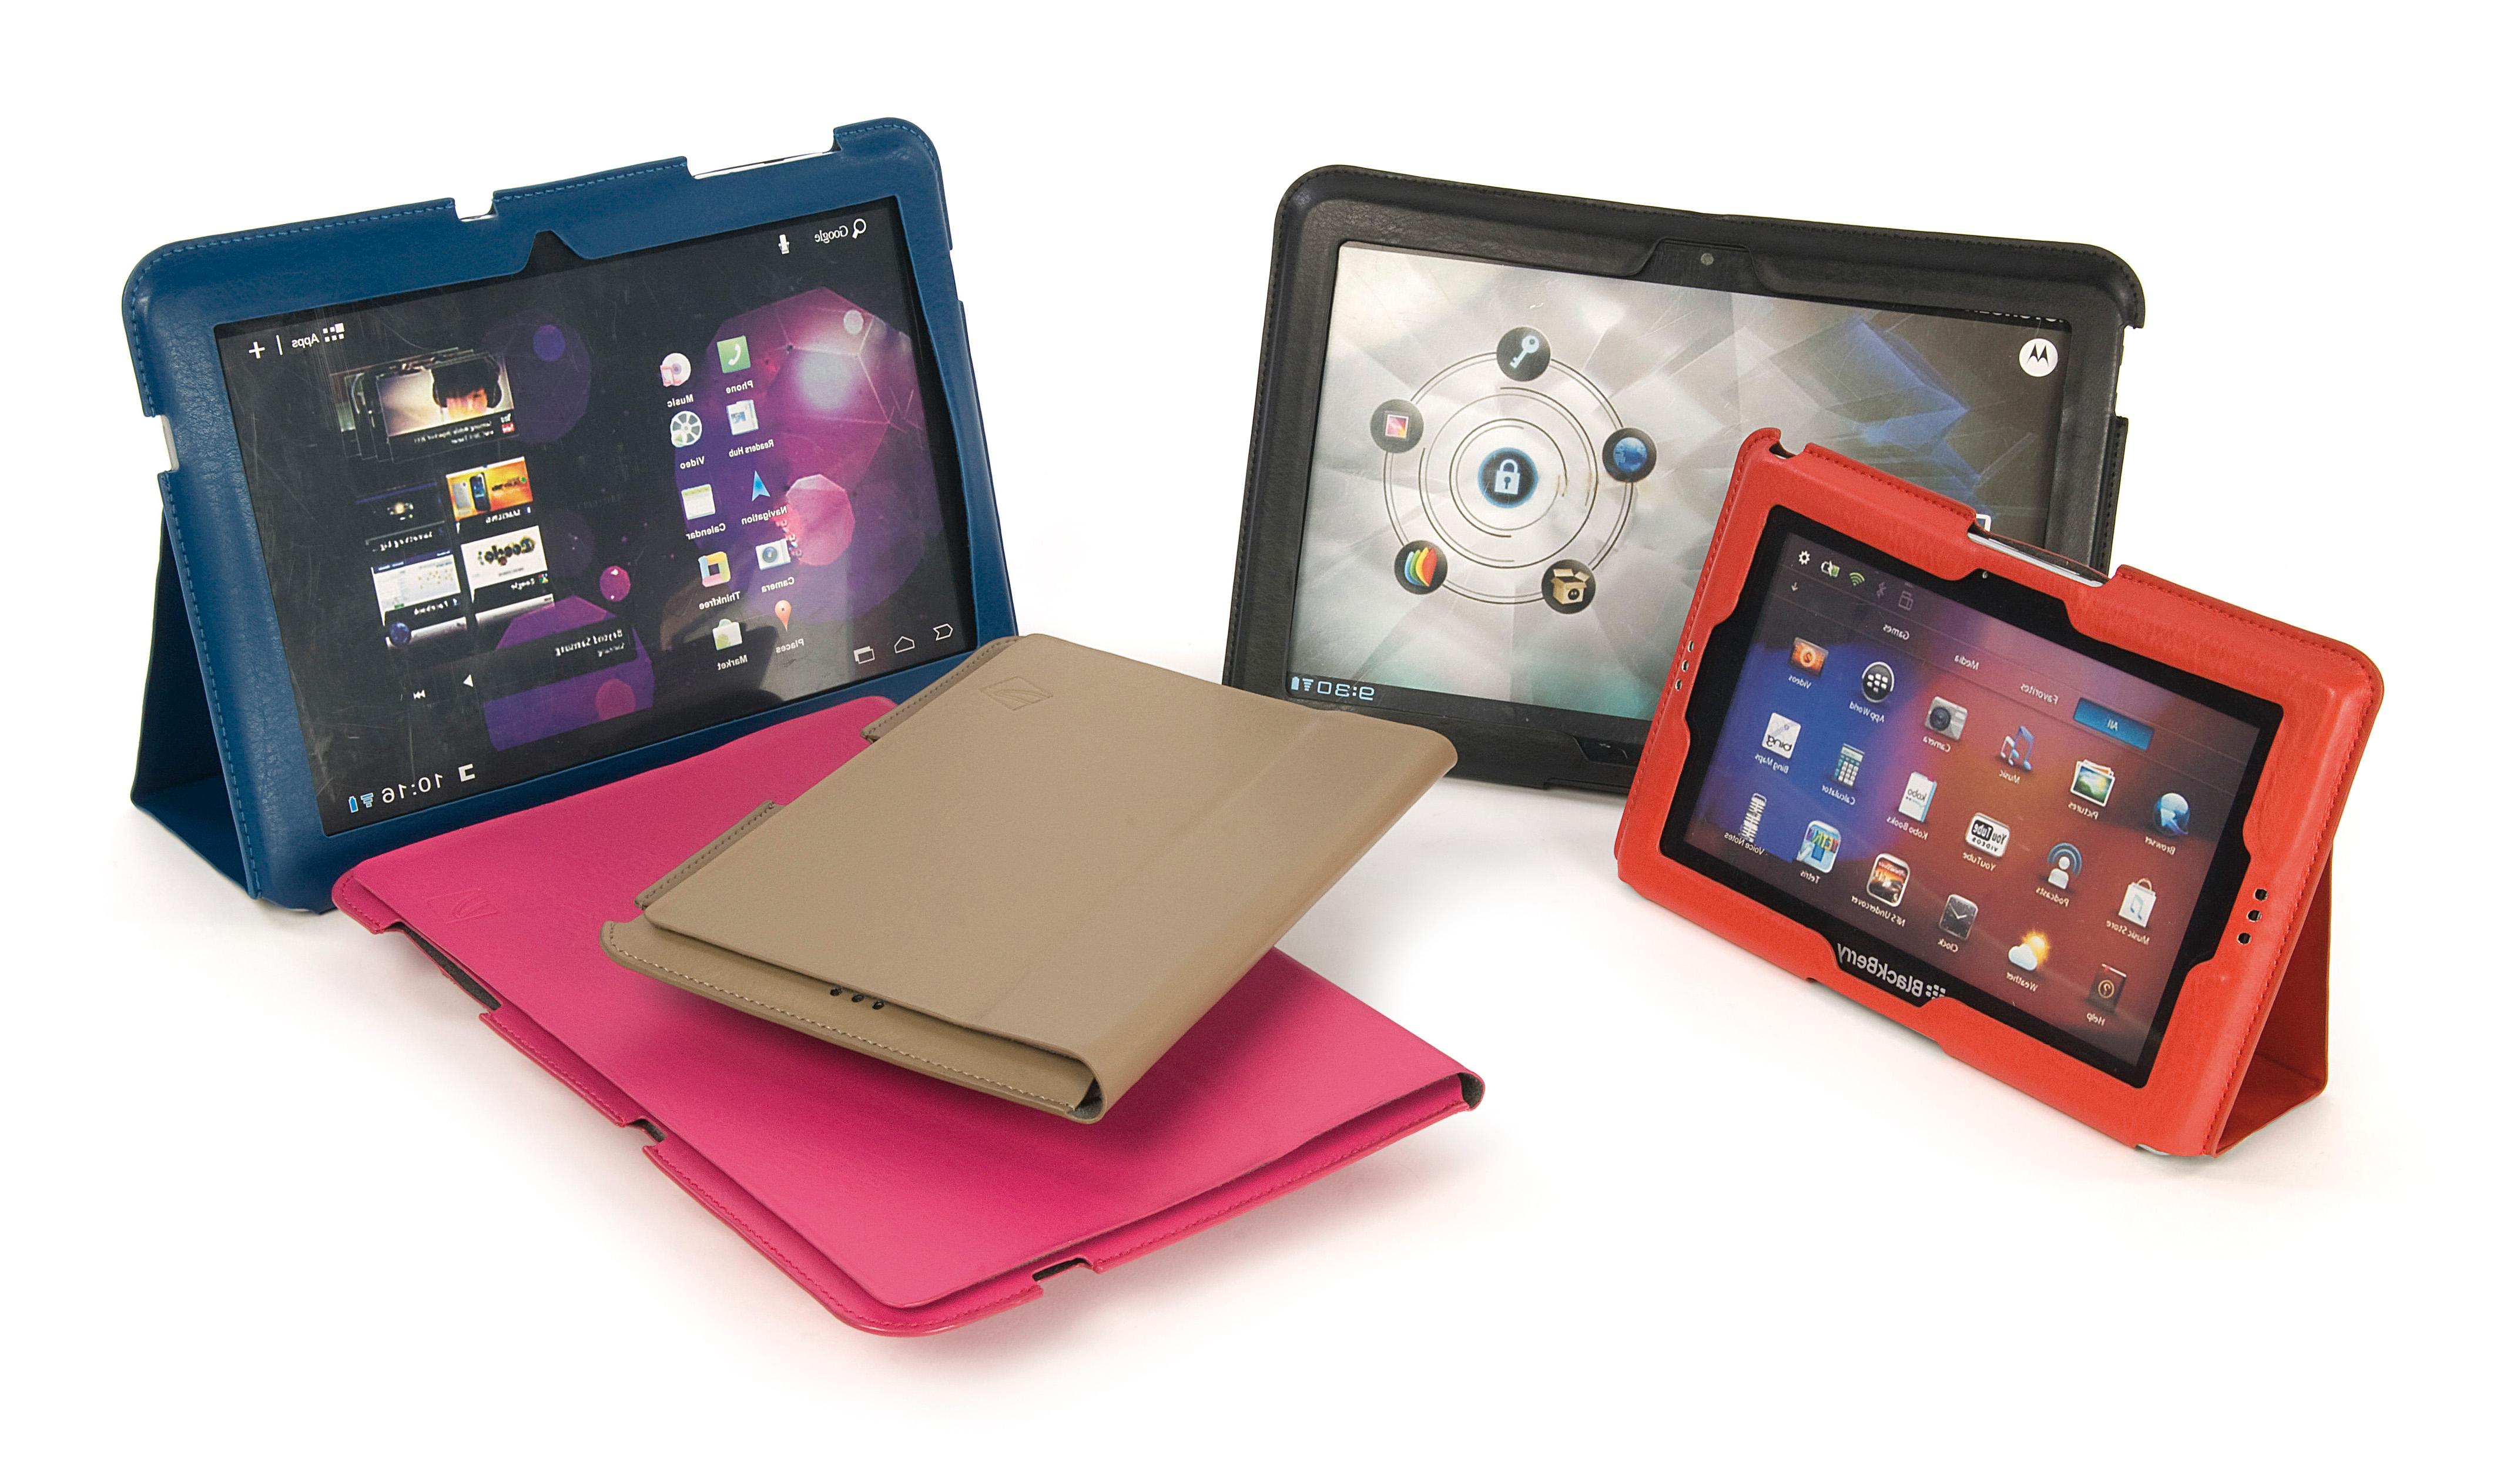 Accesorios Para Tablet Bqdd Los 5 Mejores Accesorios Bà Sicos Para Tablets android Tecnologà A